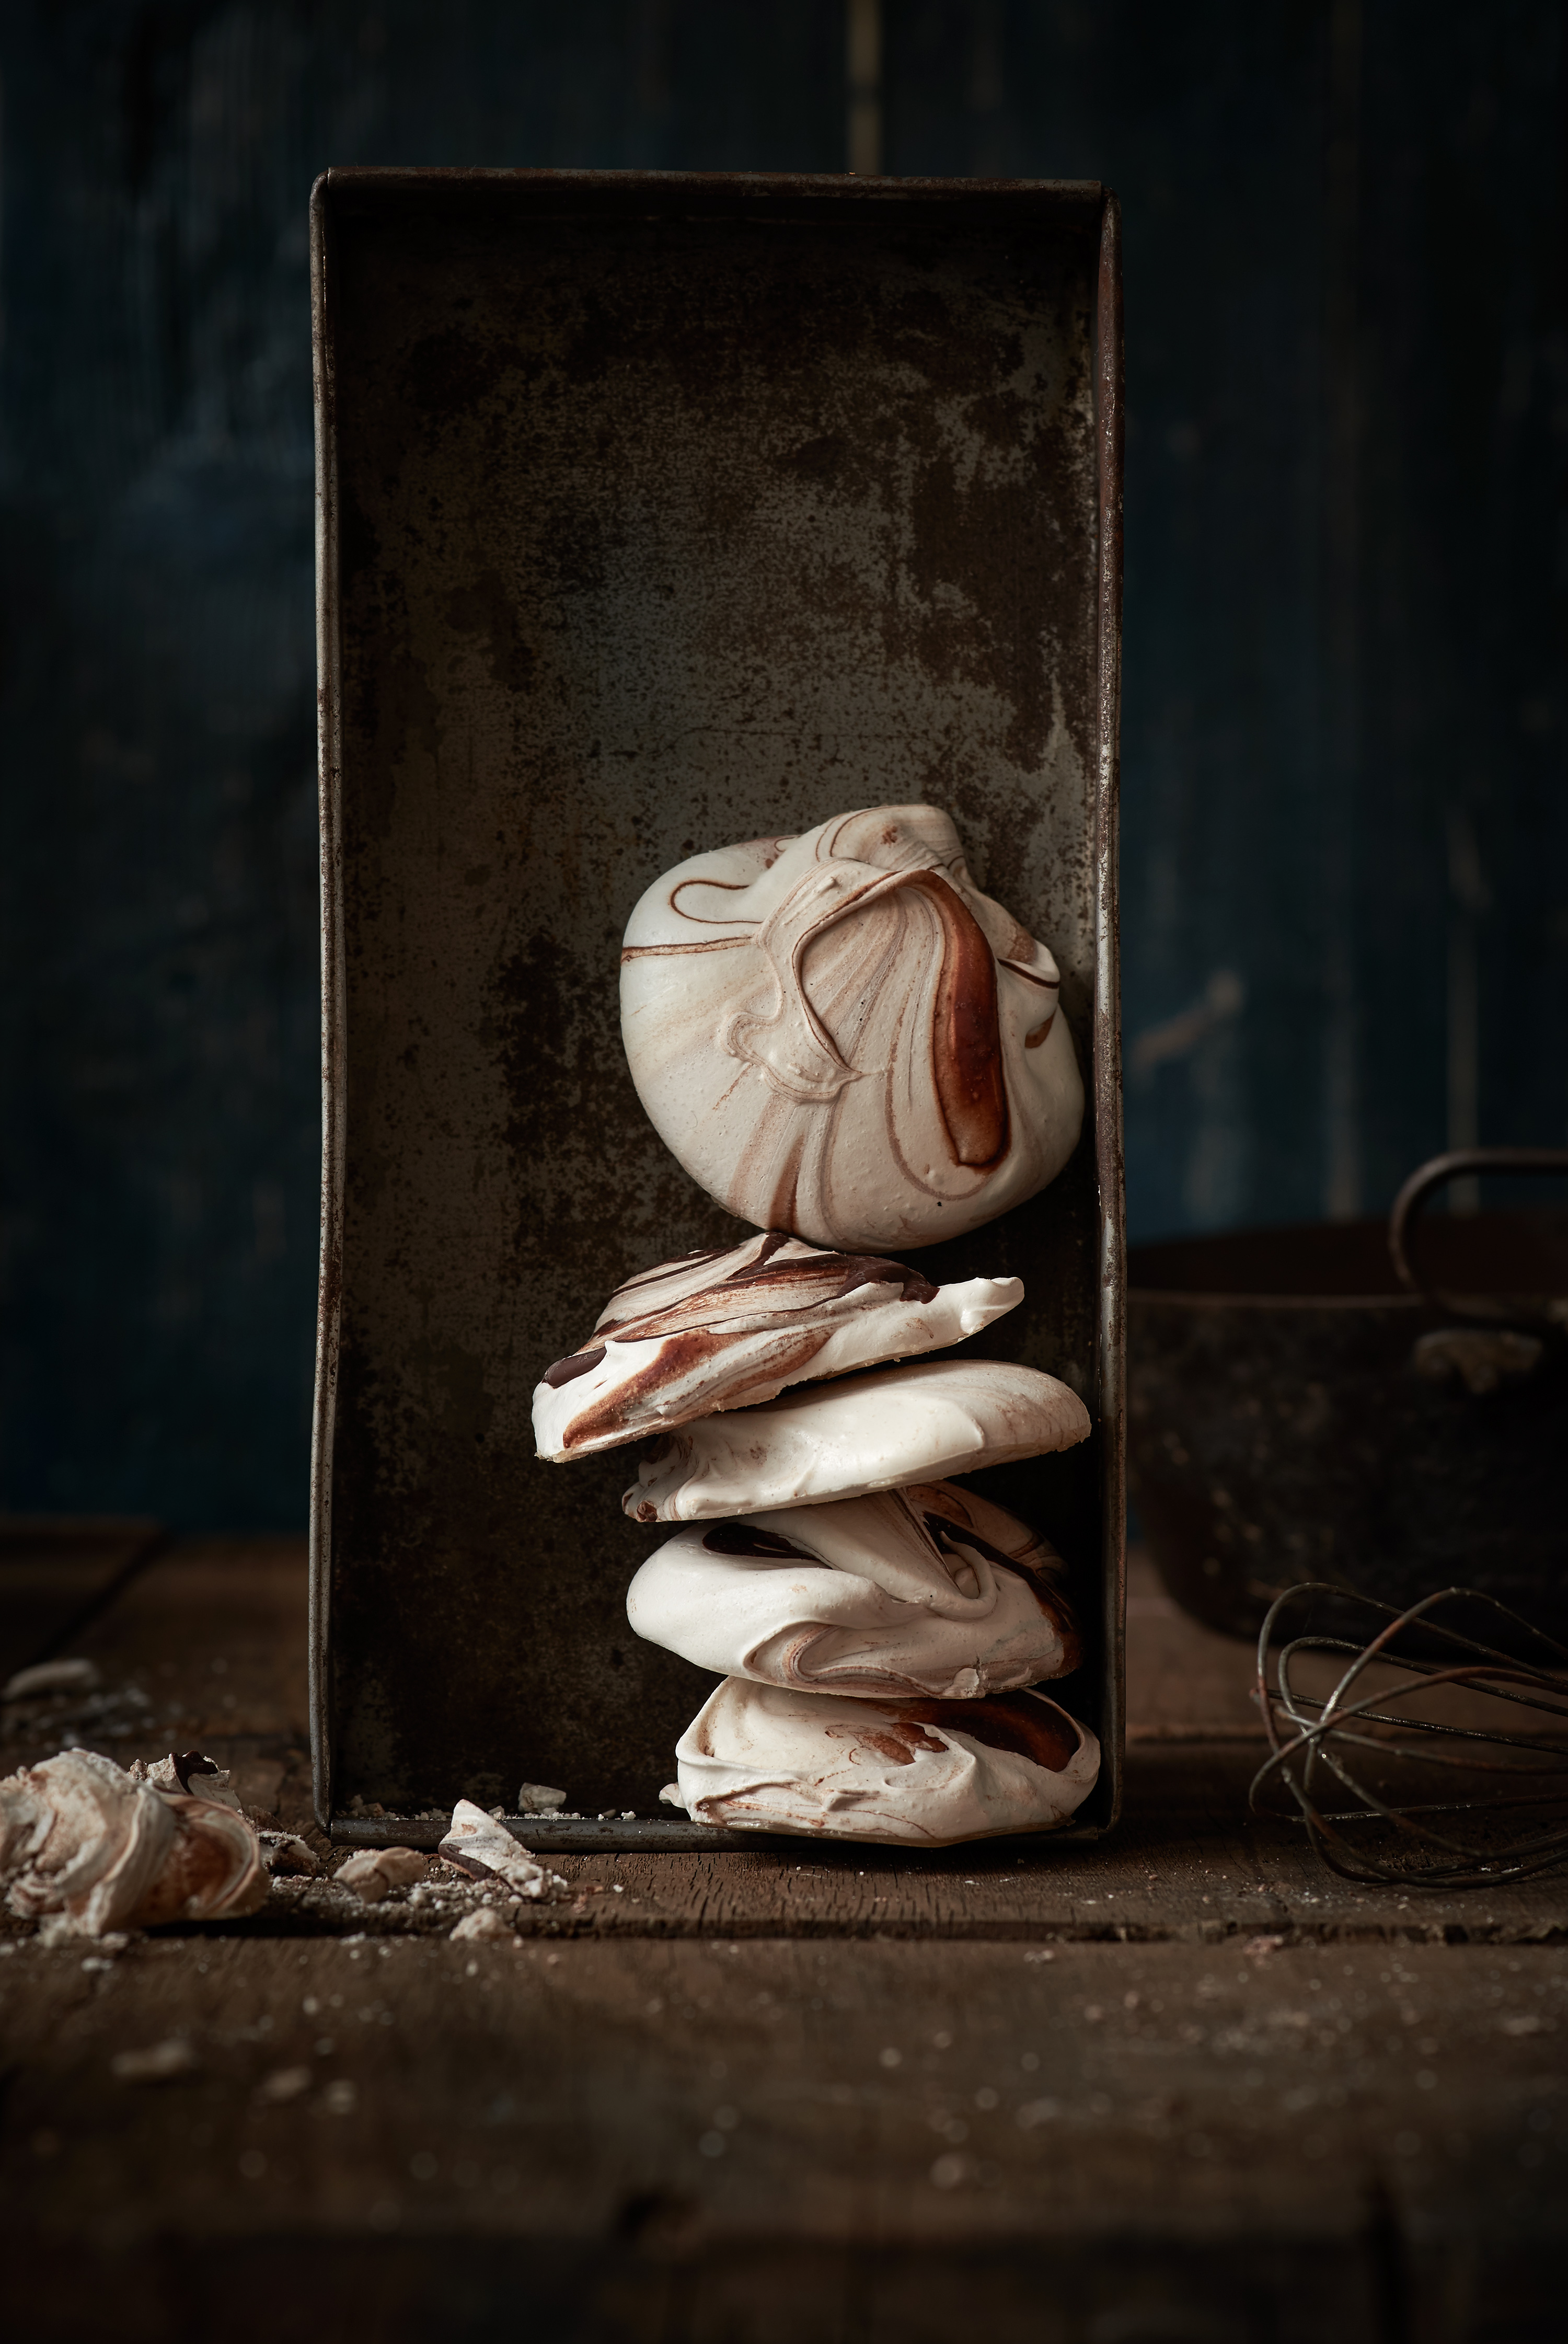 mehrere schokoladen merengue sind in einer alten Blechdose gestappelt